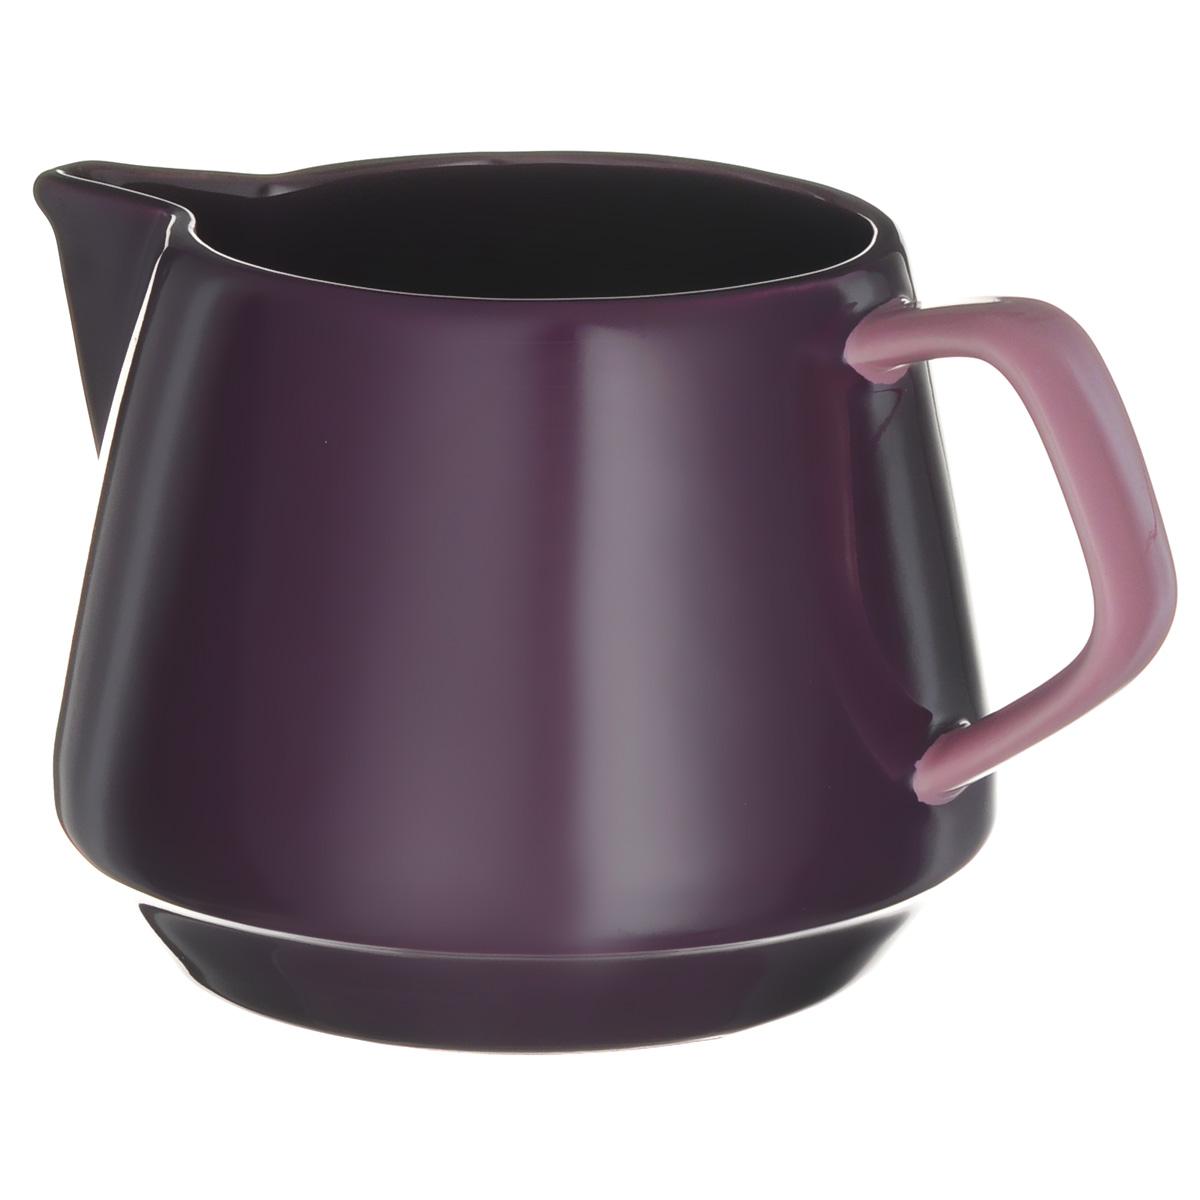 Кувшин для молока Sagaform POP, цвет: фиолетовый, светло-фиолетовый, 600 мл5016582Кувшин Sagaform POP изготовлен из высококачественной керамики. В нем будет удобно хранить молоко или другие напитки. Оригинальный дизайн кувшина позволит украсить любую кухню, внеся разнообразие, как в строгий классический стиль, так и в современный кухонный интерьер. Можно мыть в посудомоечной машине. Высота кувшина: 10 см. Диаметр по верхнему краю: 8 см. Объем: 600 мл.